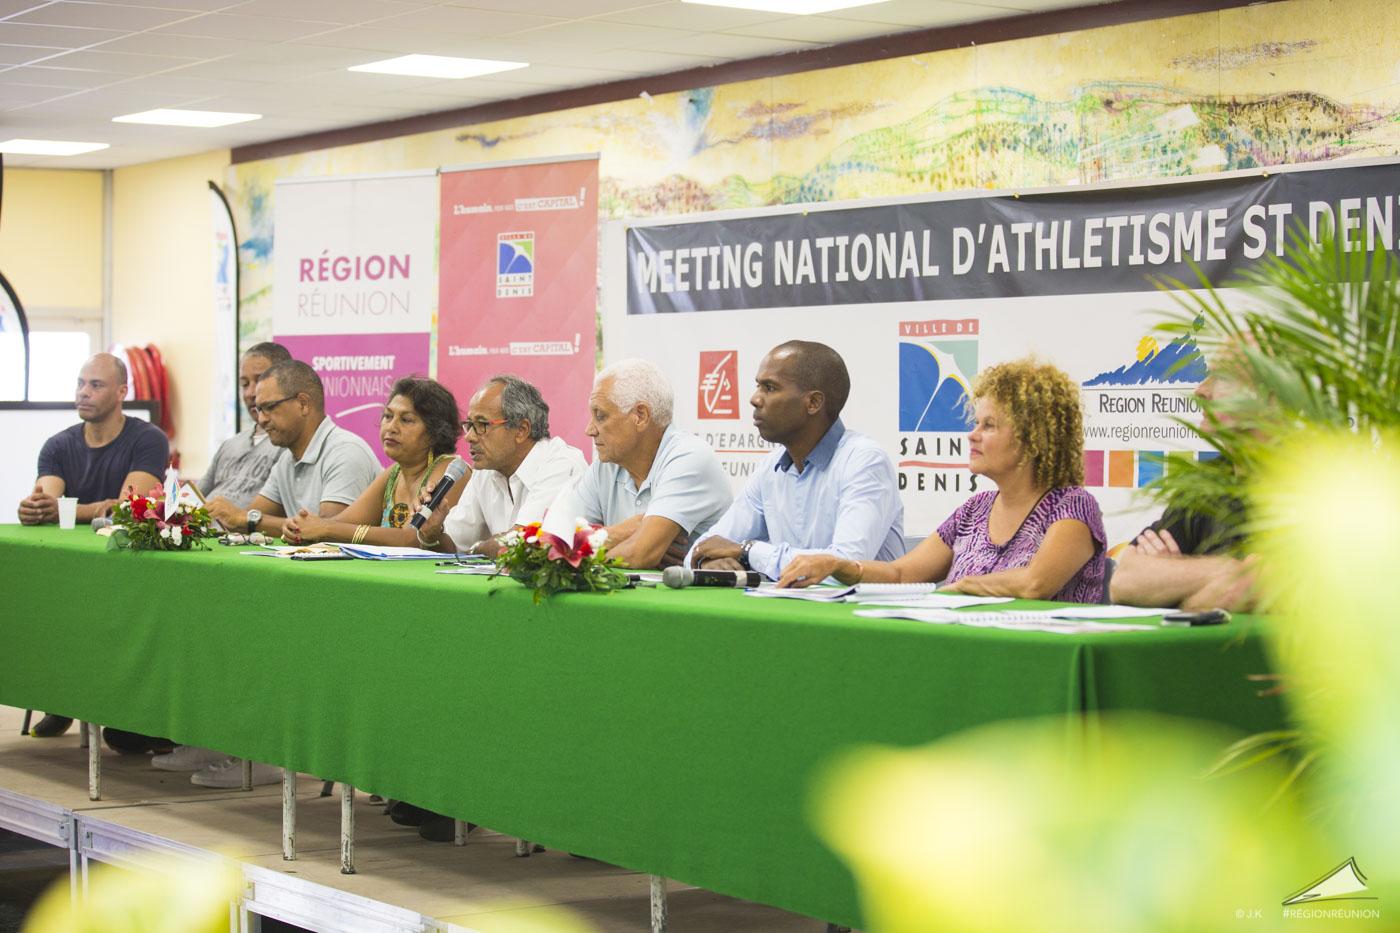 Meeting national d'athlétisme